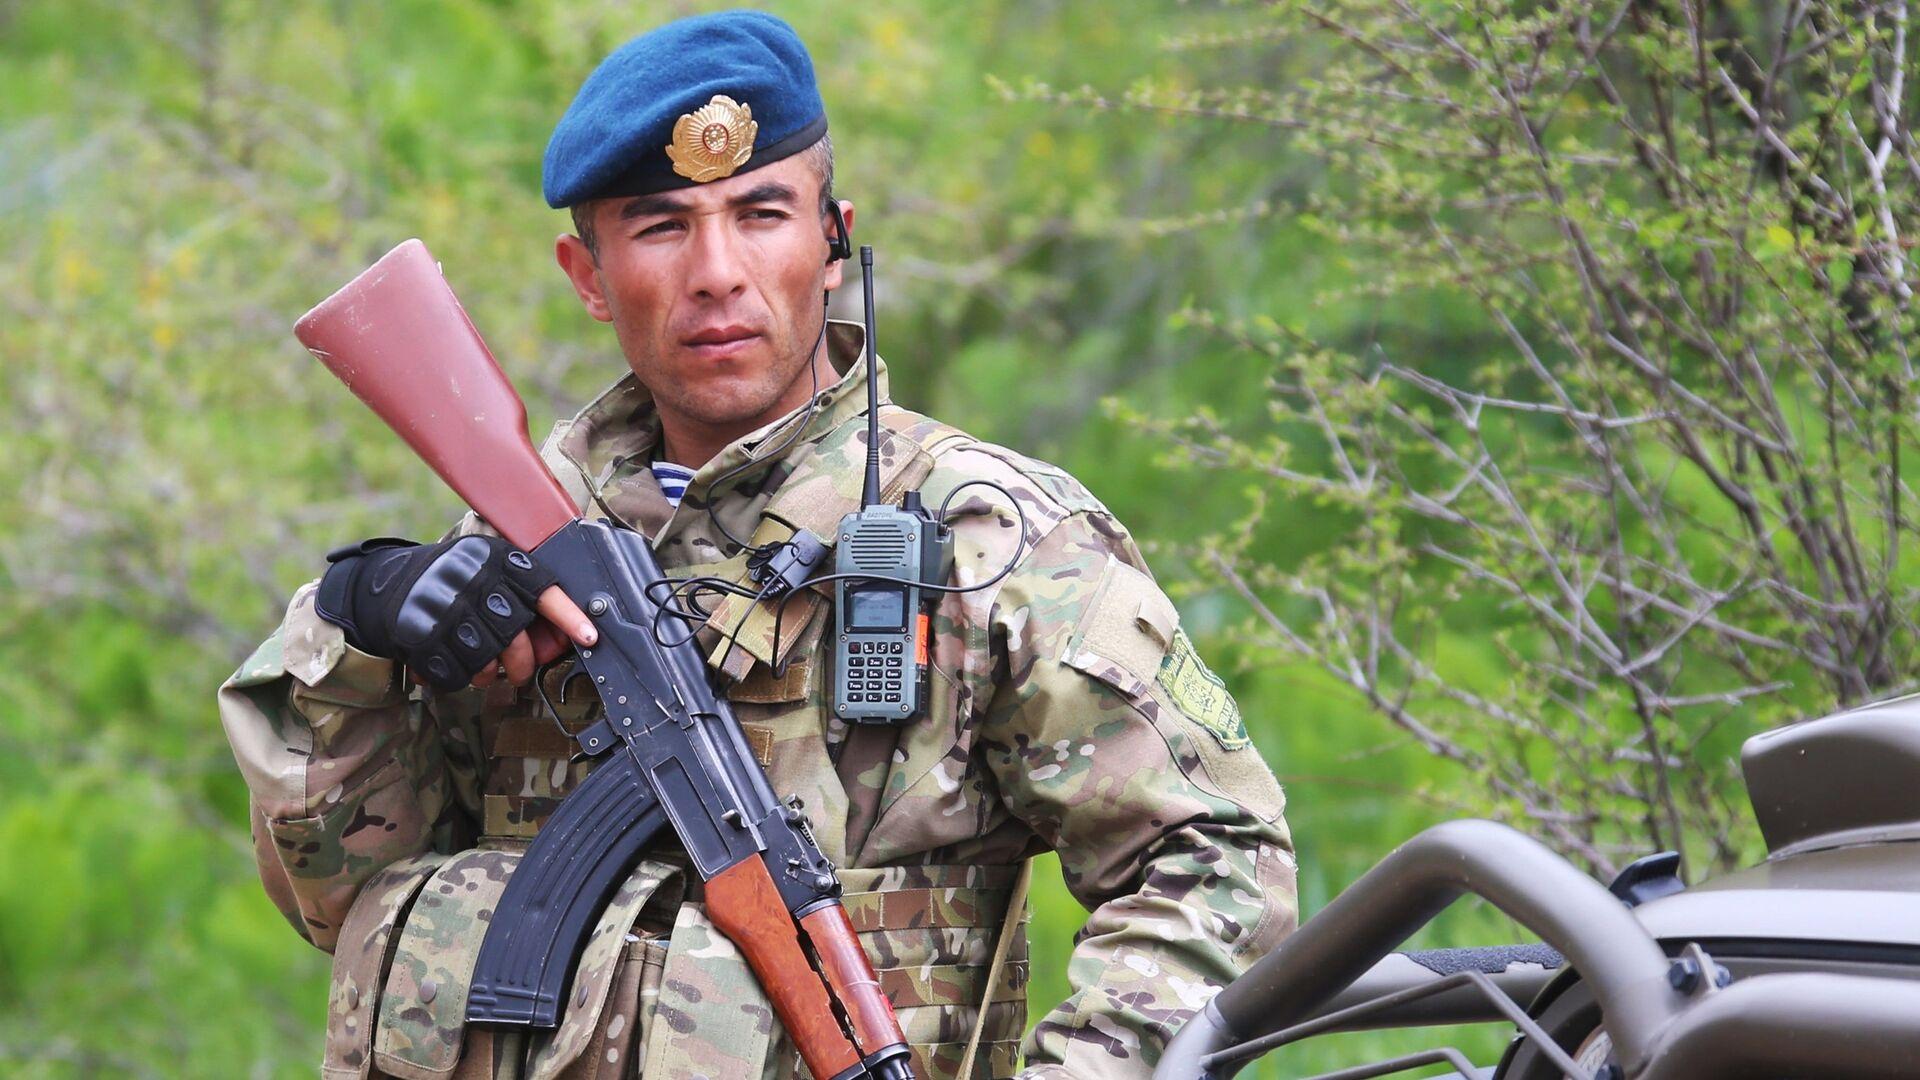 Военнослужащий армии Таджикистана во время совместных учений подразделений военной разведки государств-членов ОДКБ Поиск 2016 в Таджикистане - РИА Новости, 1920, 29.04.2021